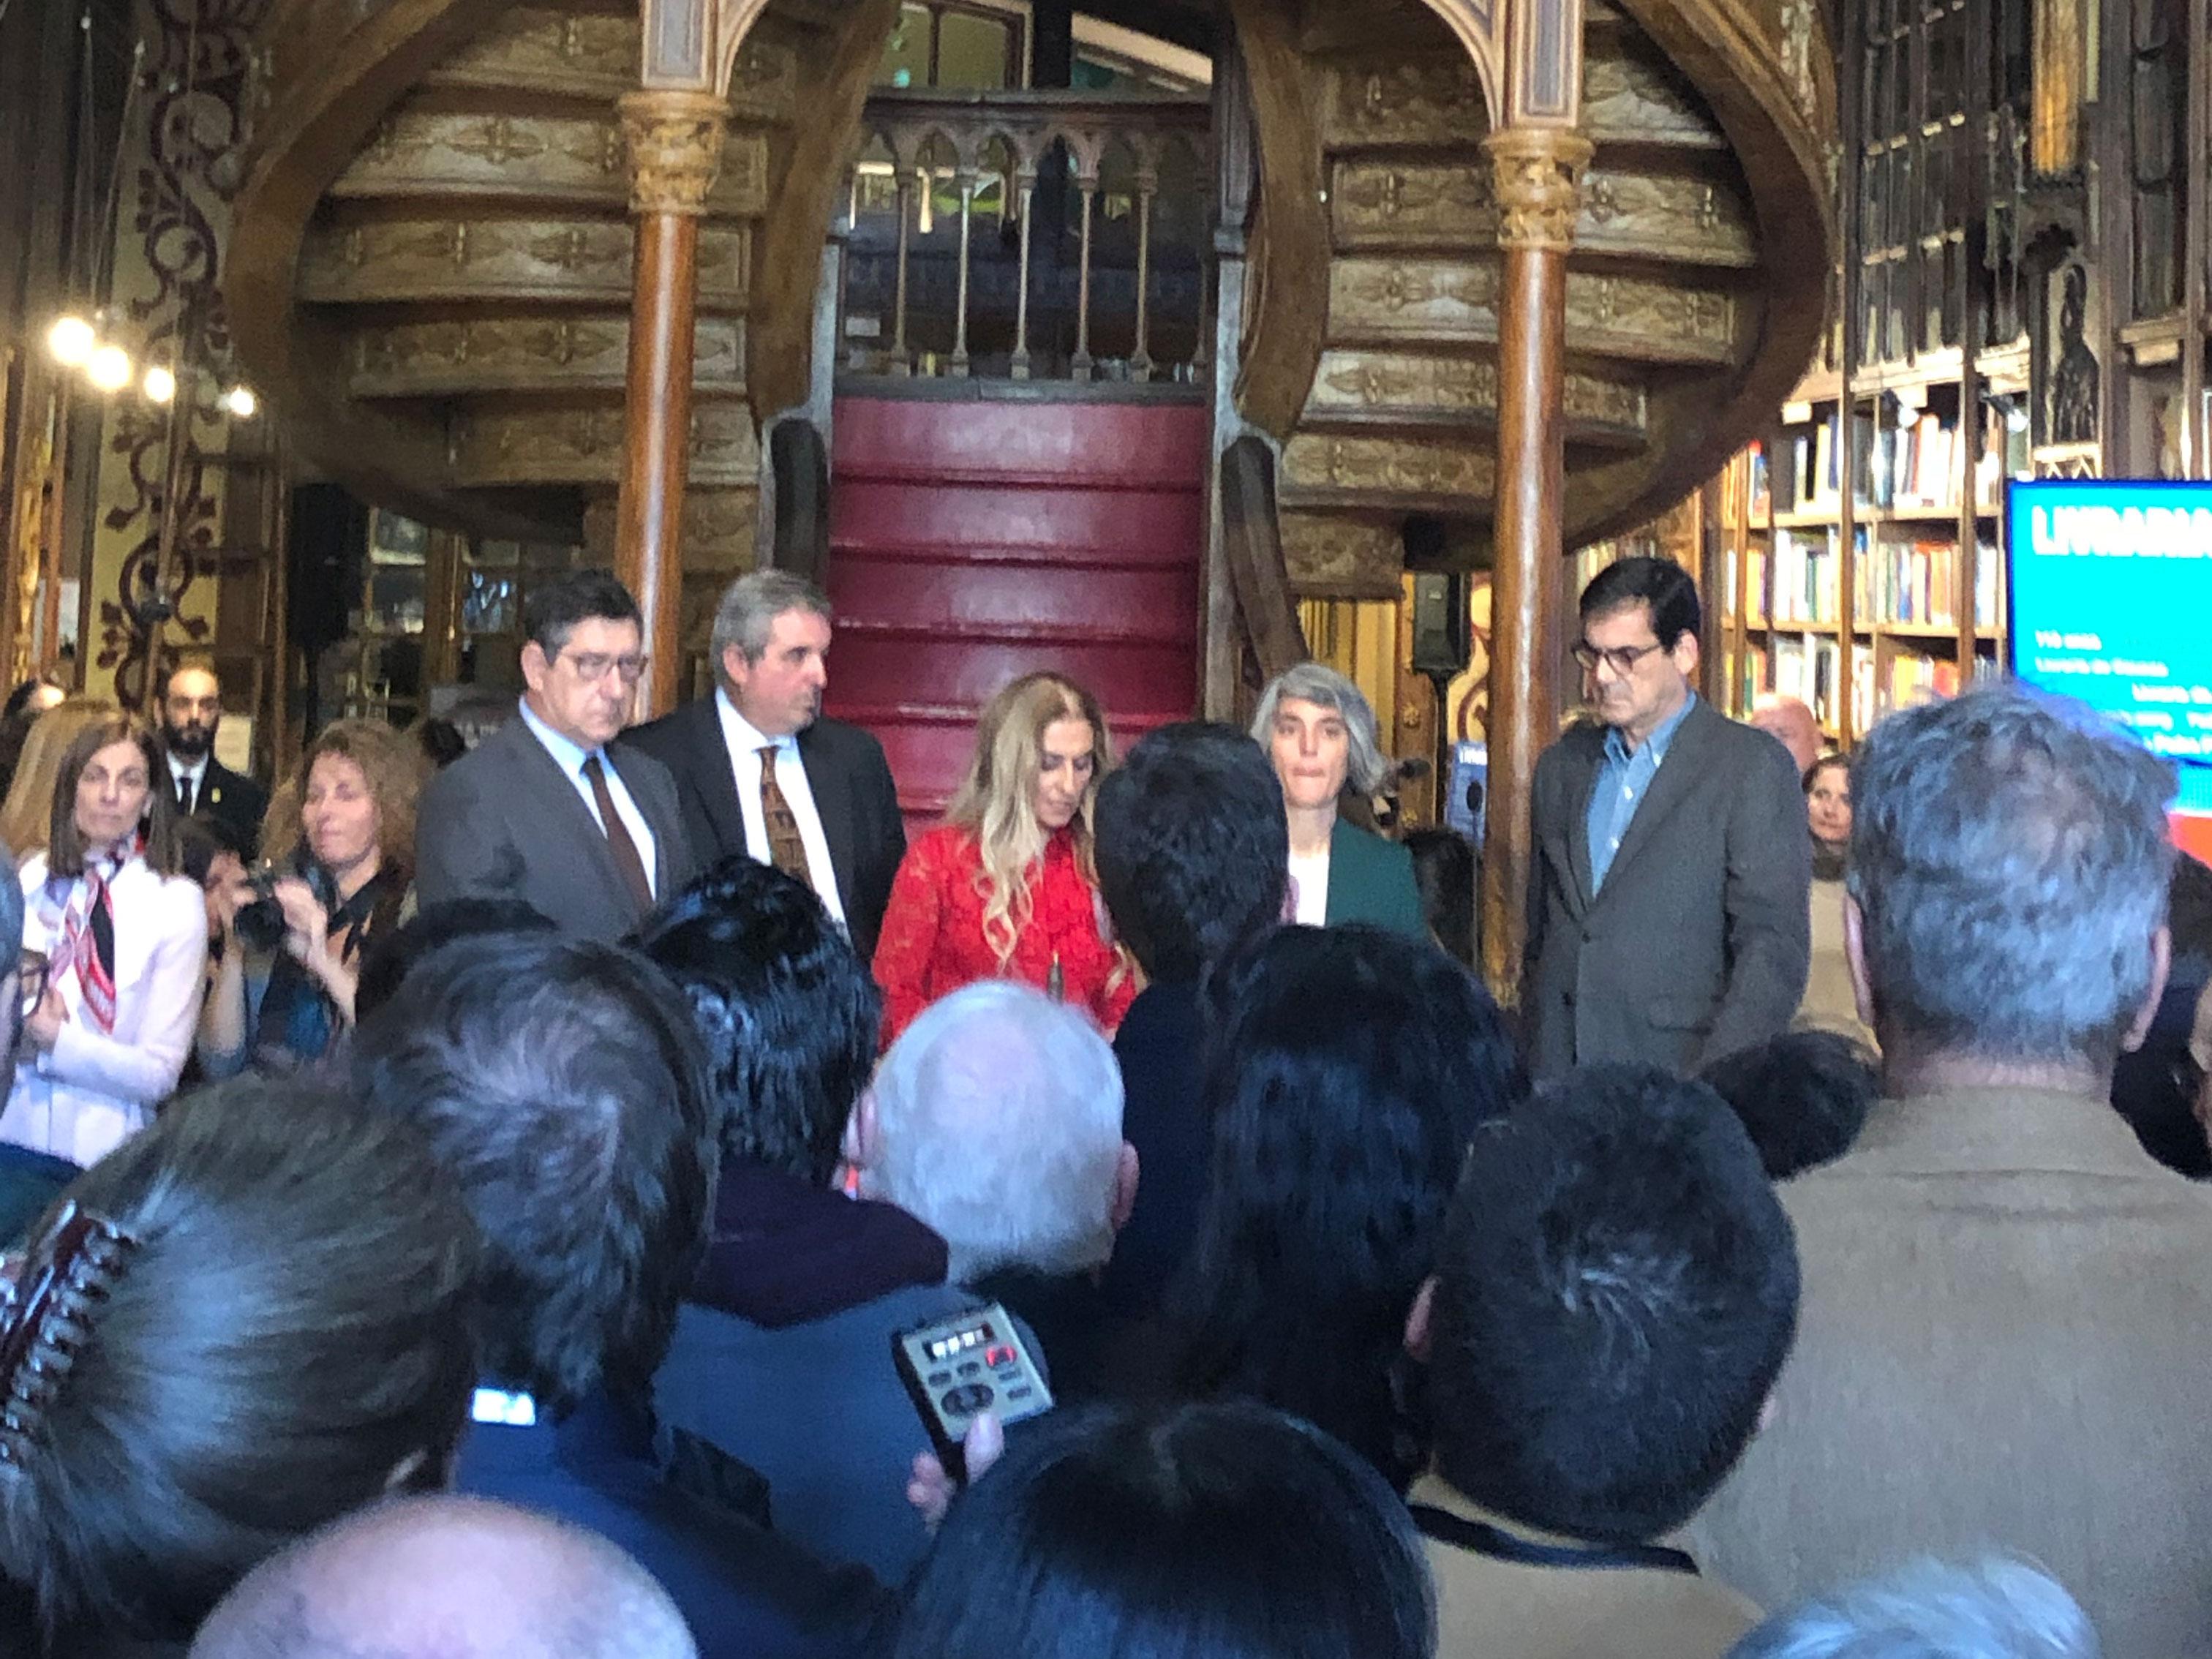 Correspondentes acompanham os 113 anos da livraria Lello